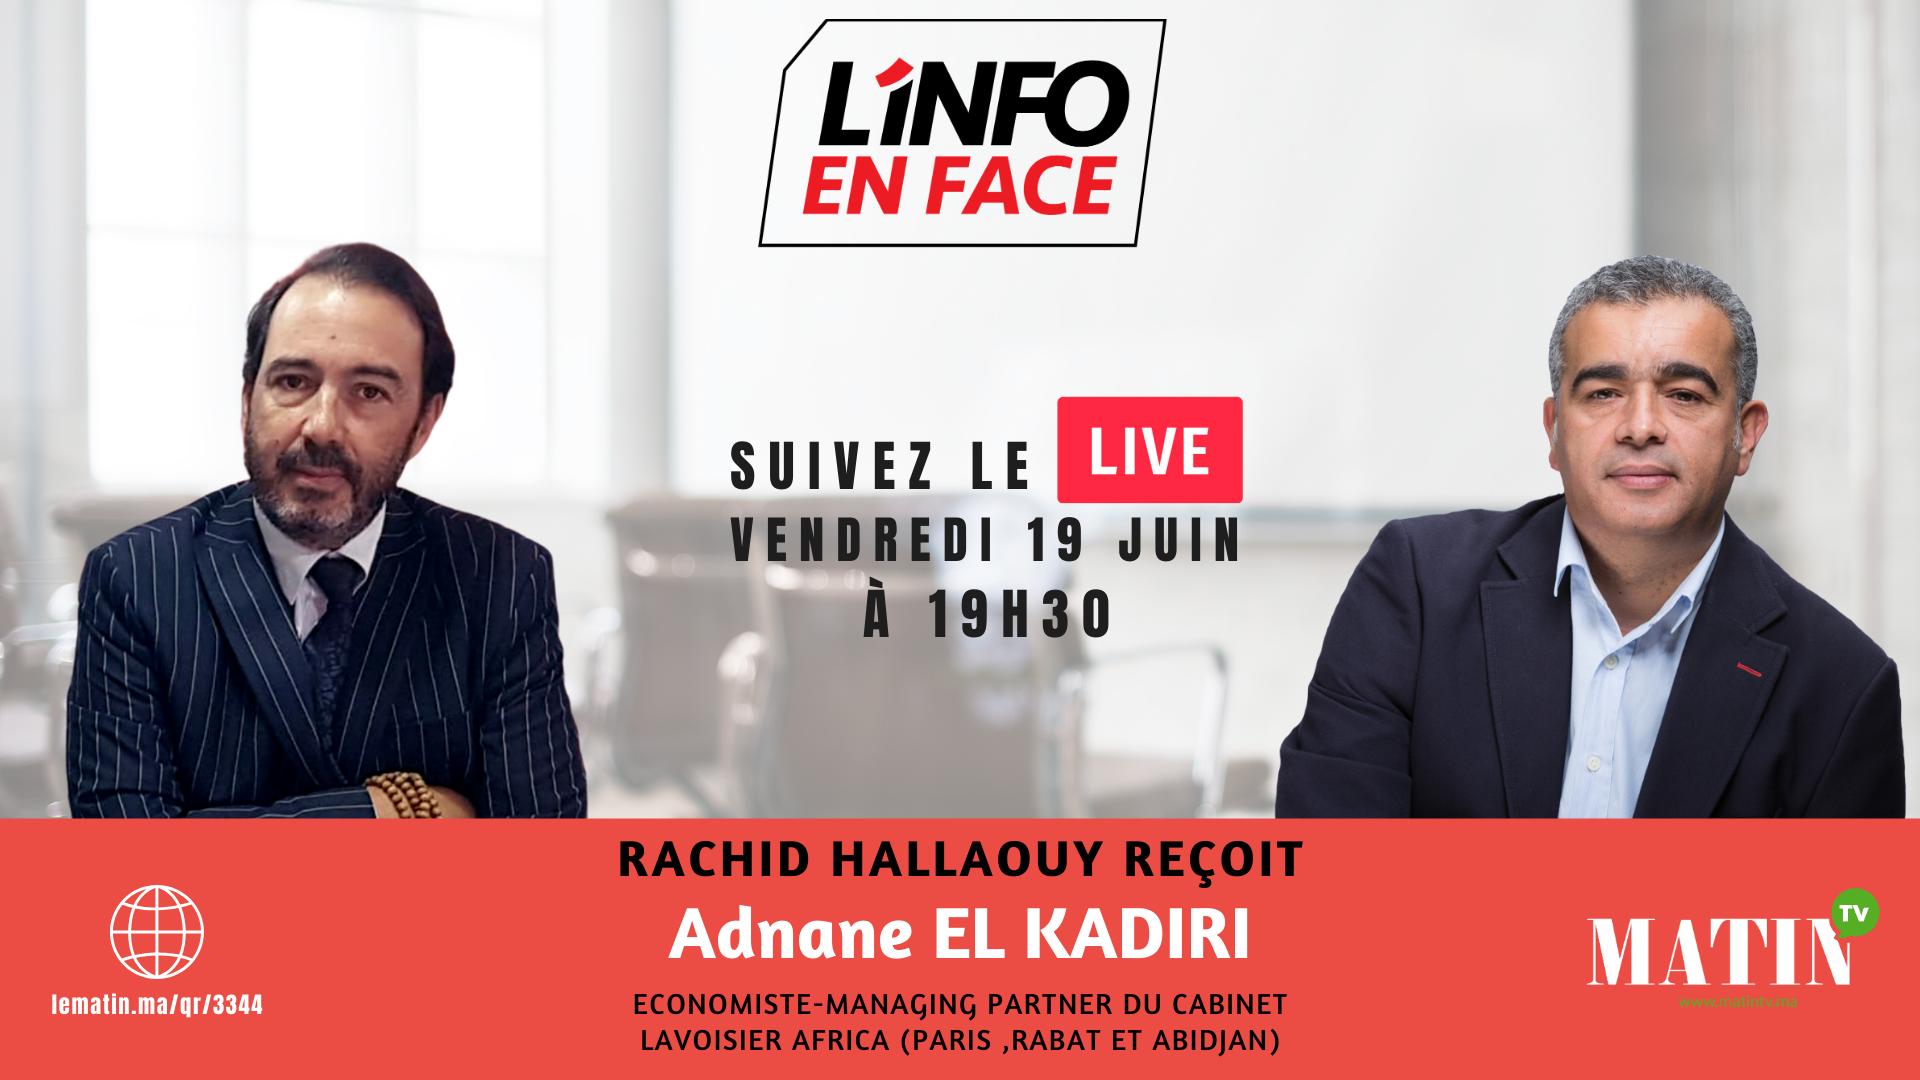 Live : L'Info en Face avec Adnane El Kadiri